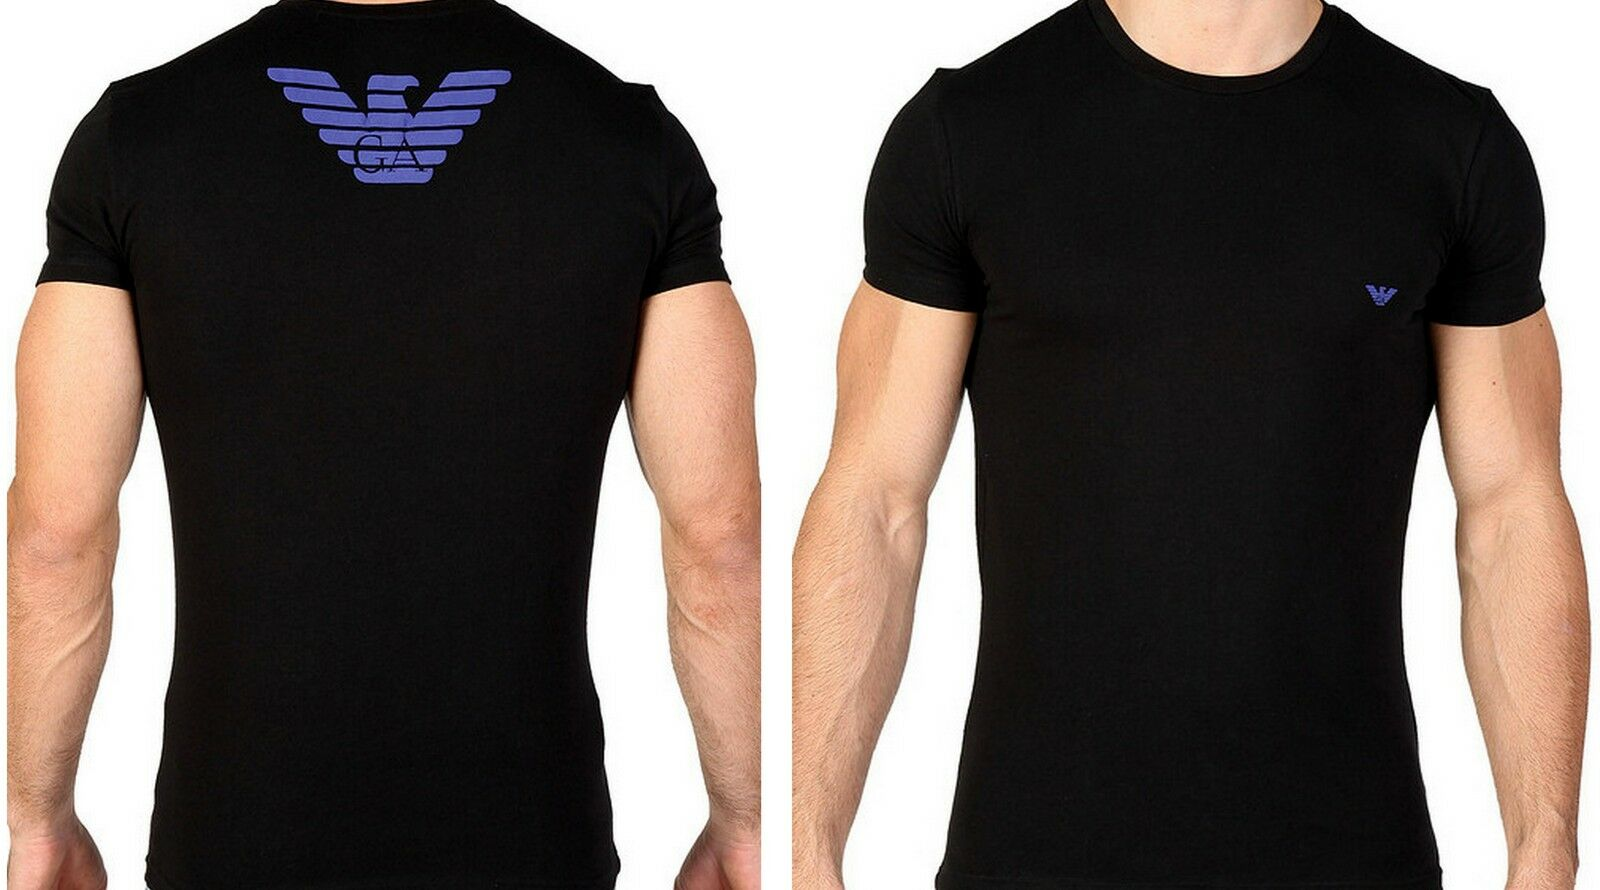 T-Shirt emporio armani Rundhalsausschnitt Mann Männer T-Shirt logo groß Adler